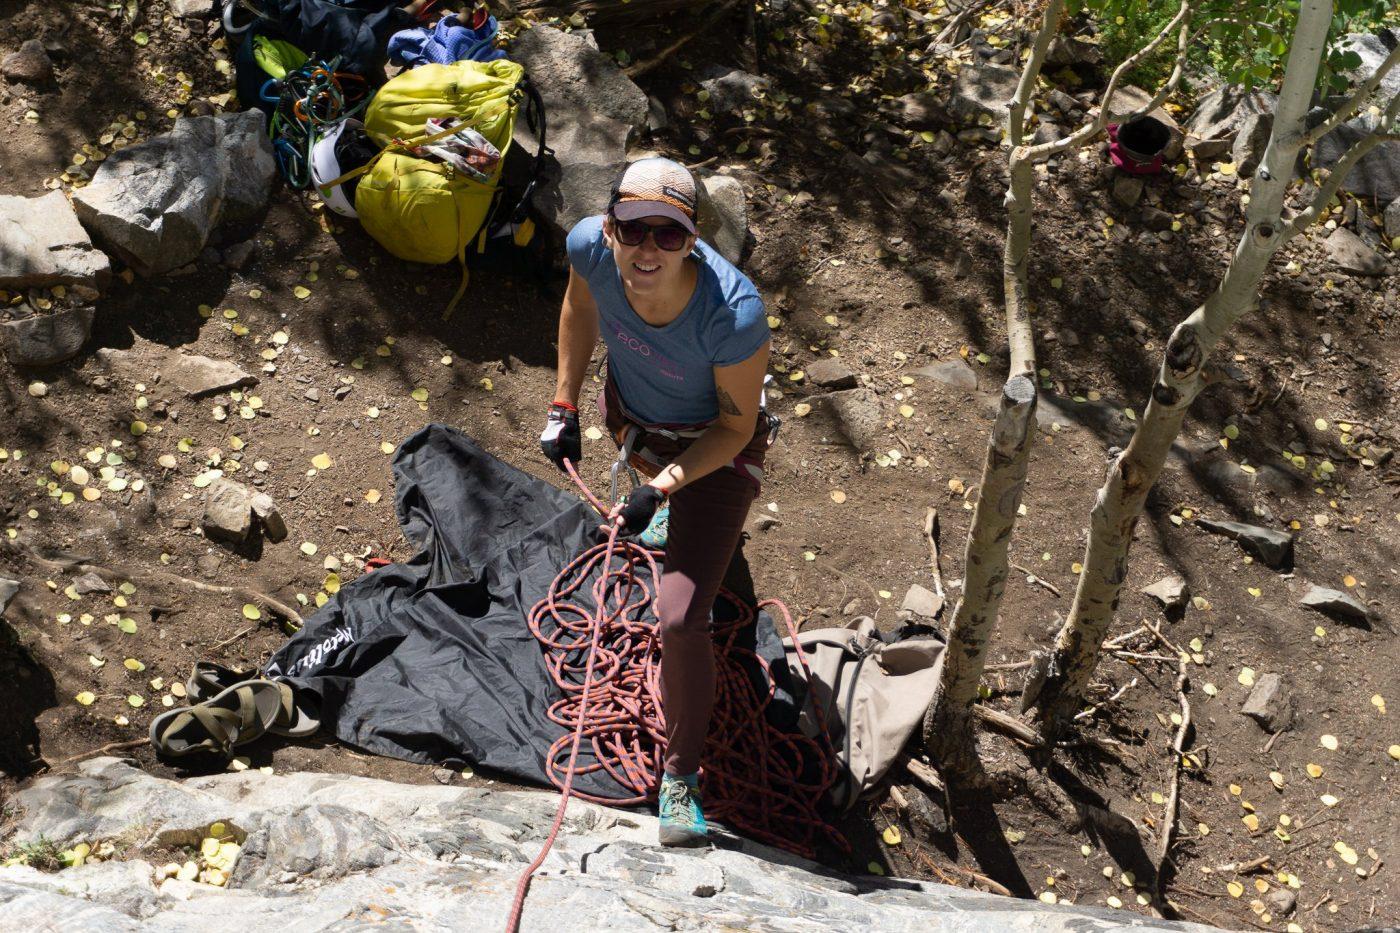 best beginner climbing gear